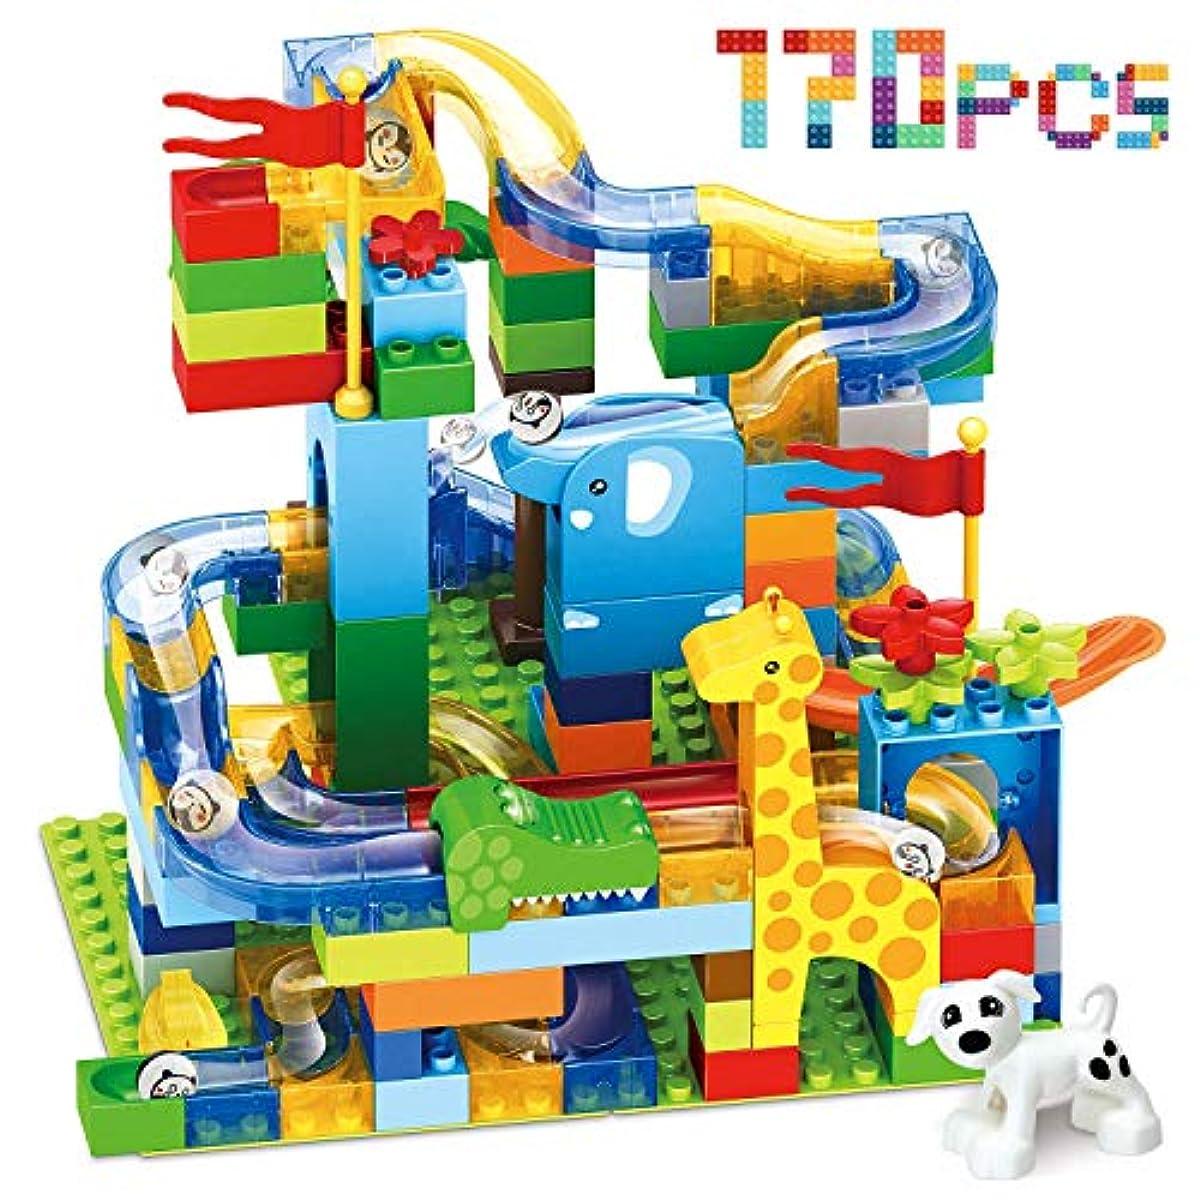 [해외] CHTOY slope 토이 집짓기 놀이 정글 대모험 장난감 블럭 겸용 루핑 코스터 입체 퍼즐 교육 완구 어린이용 크리스마스 해피버스데이 선물 (170PCS)